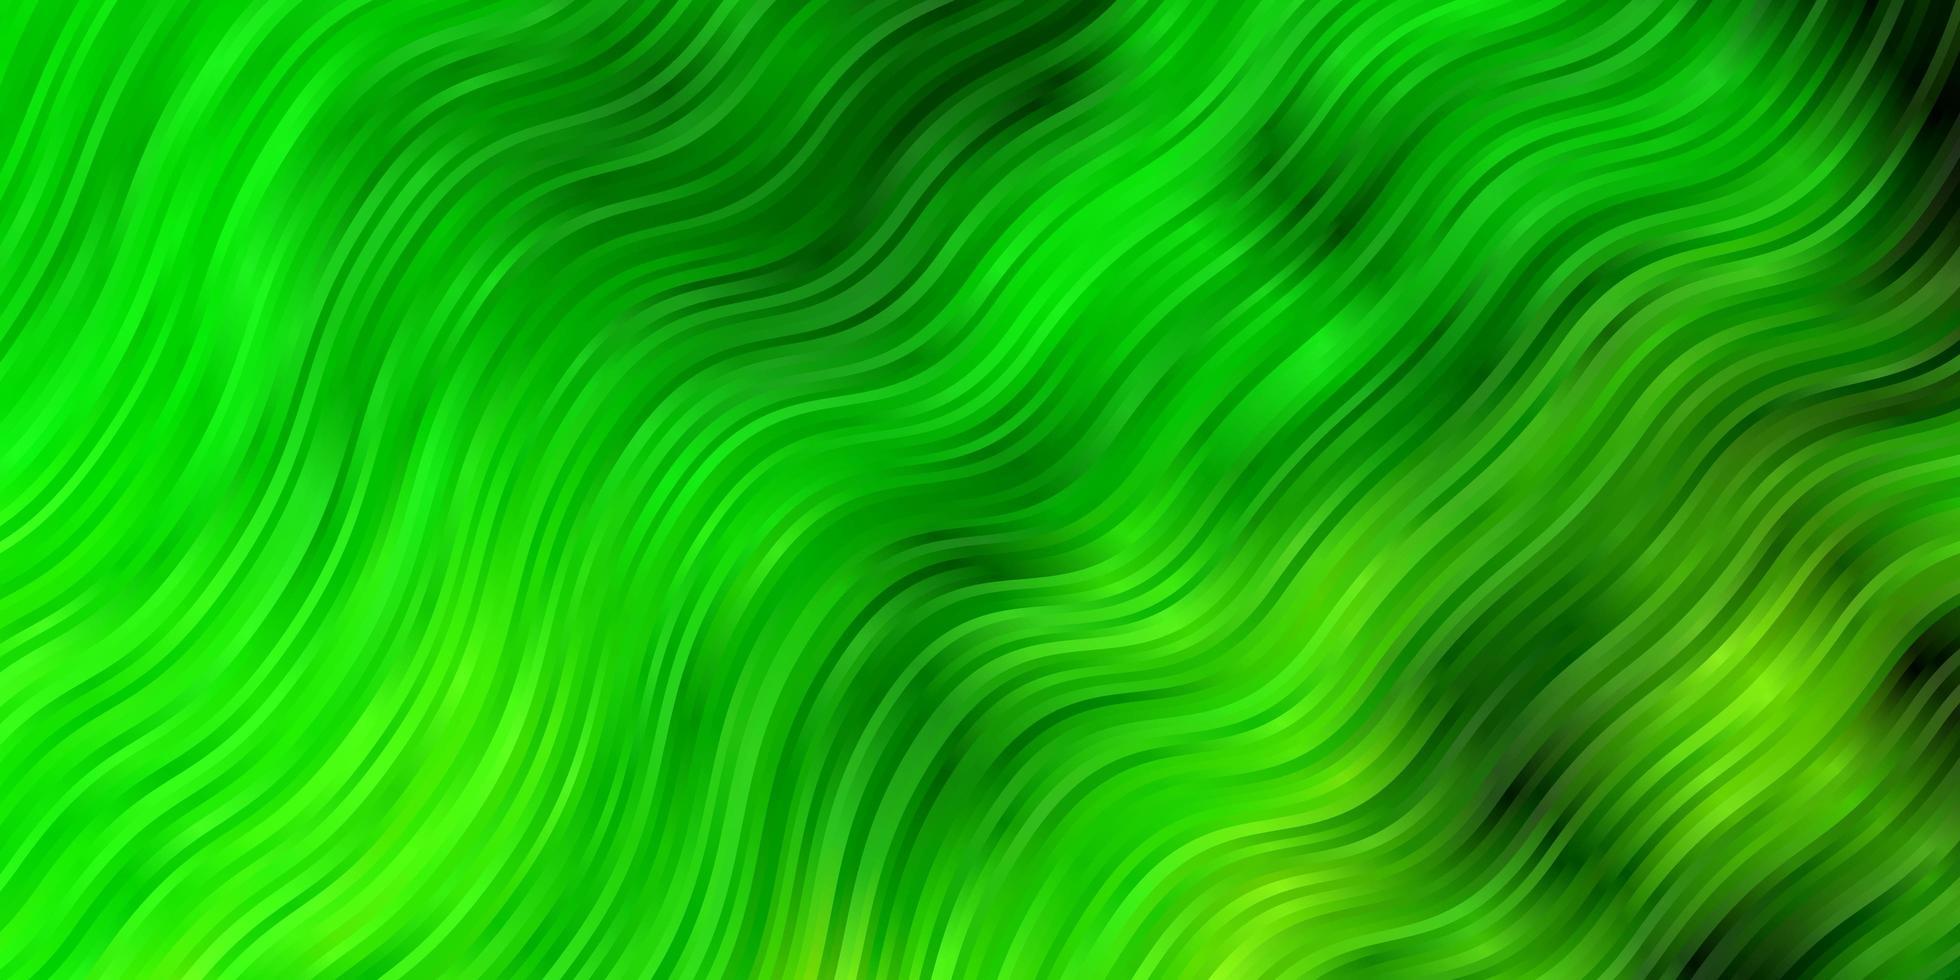 sfondo verde chiaro con fiocchi. vettore